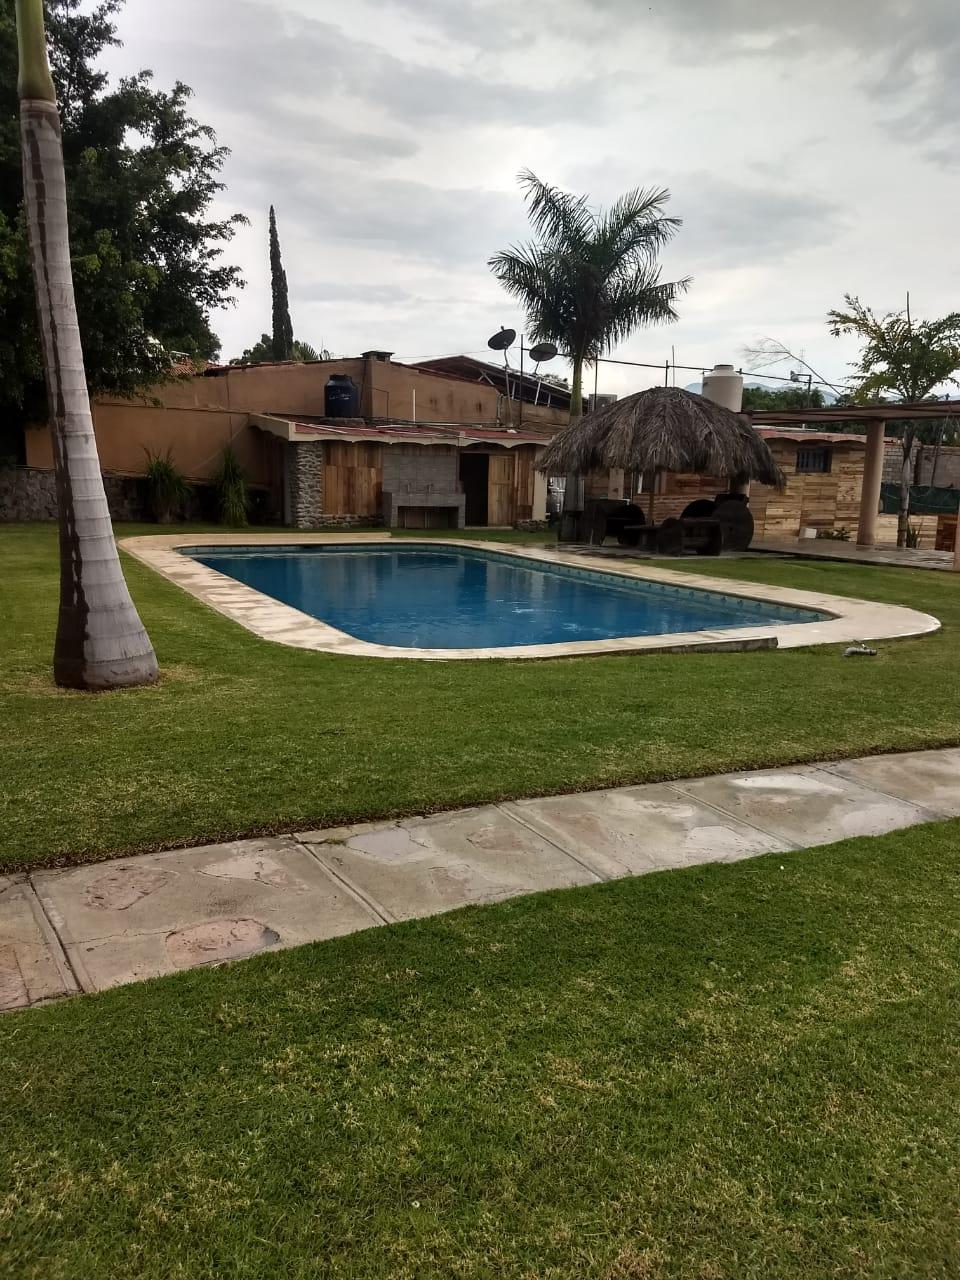 Imagen 5 del espacio Quinta Lago Cajititlán en Tlajomulco, México